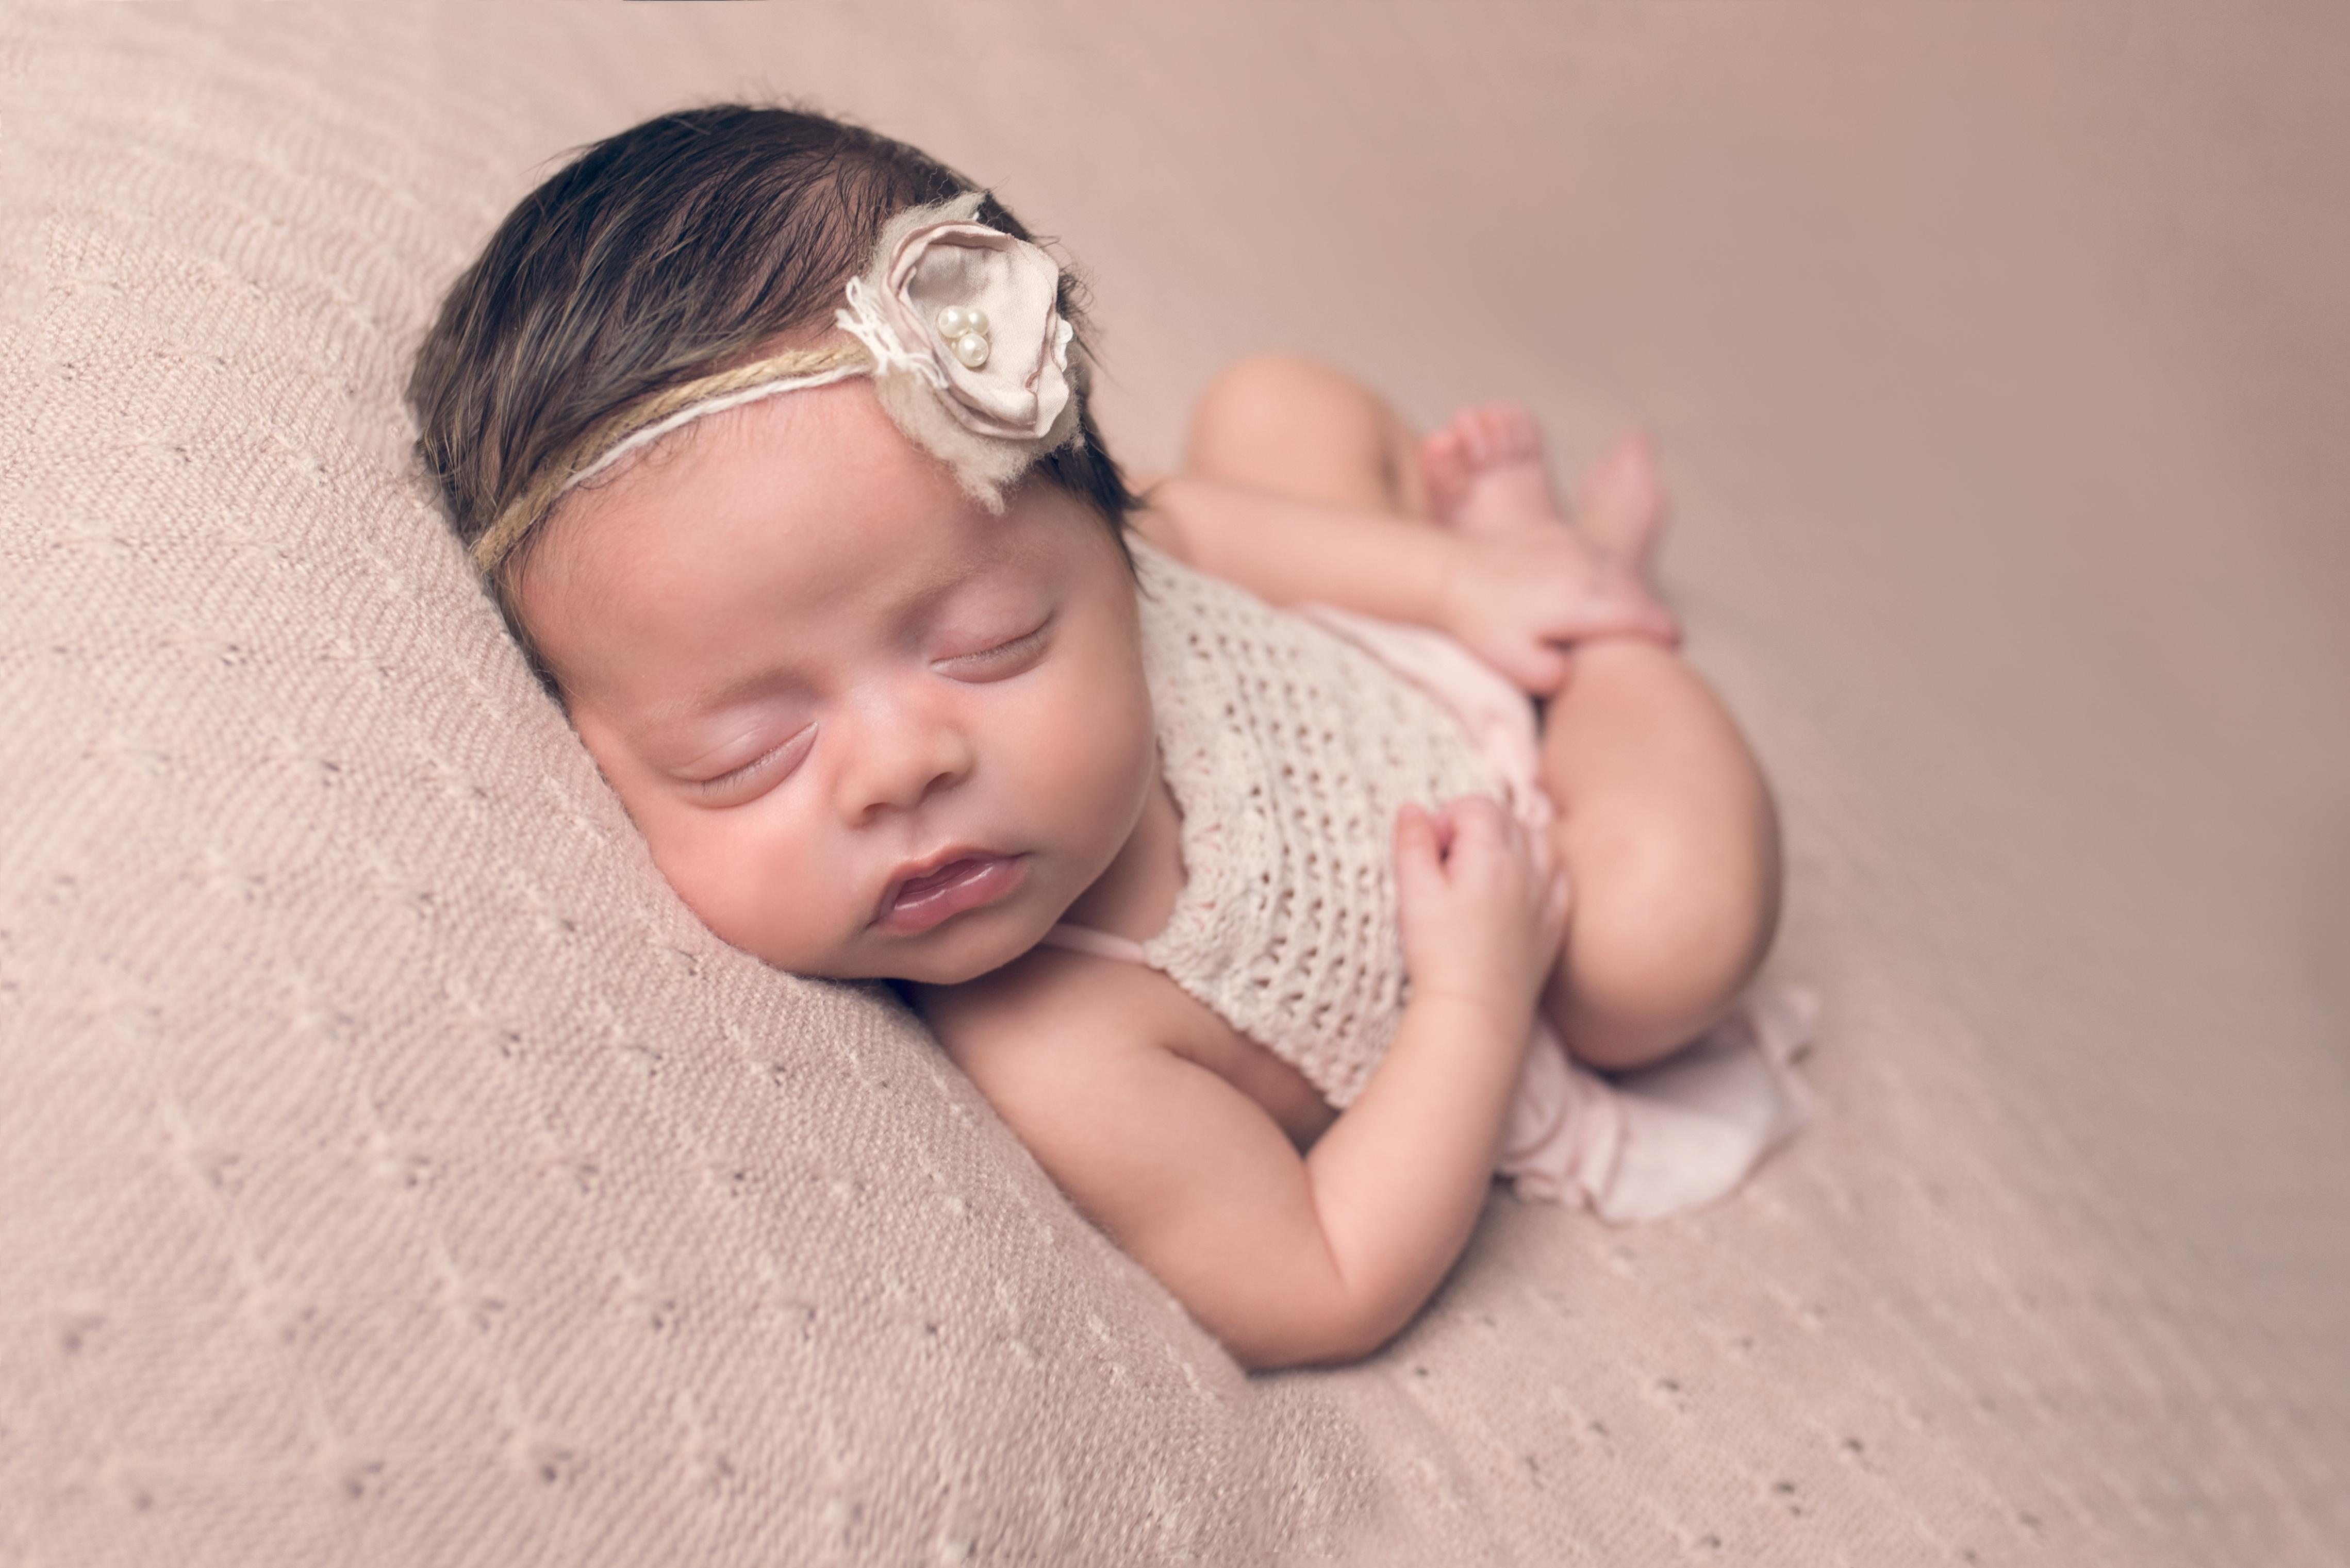 bébé 4 mois